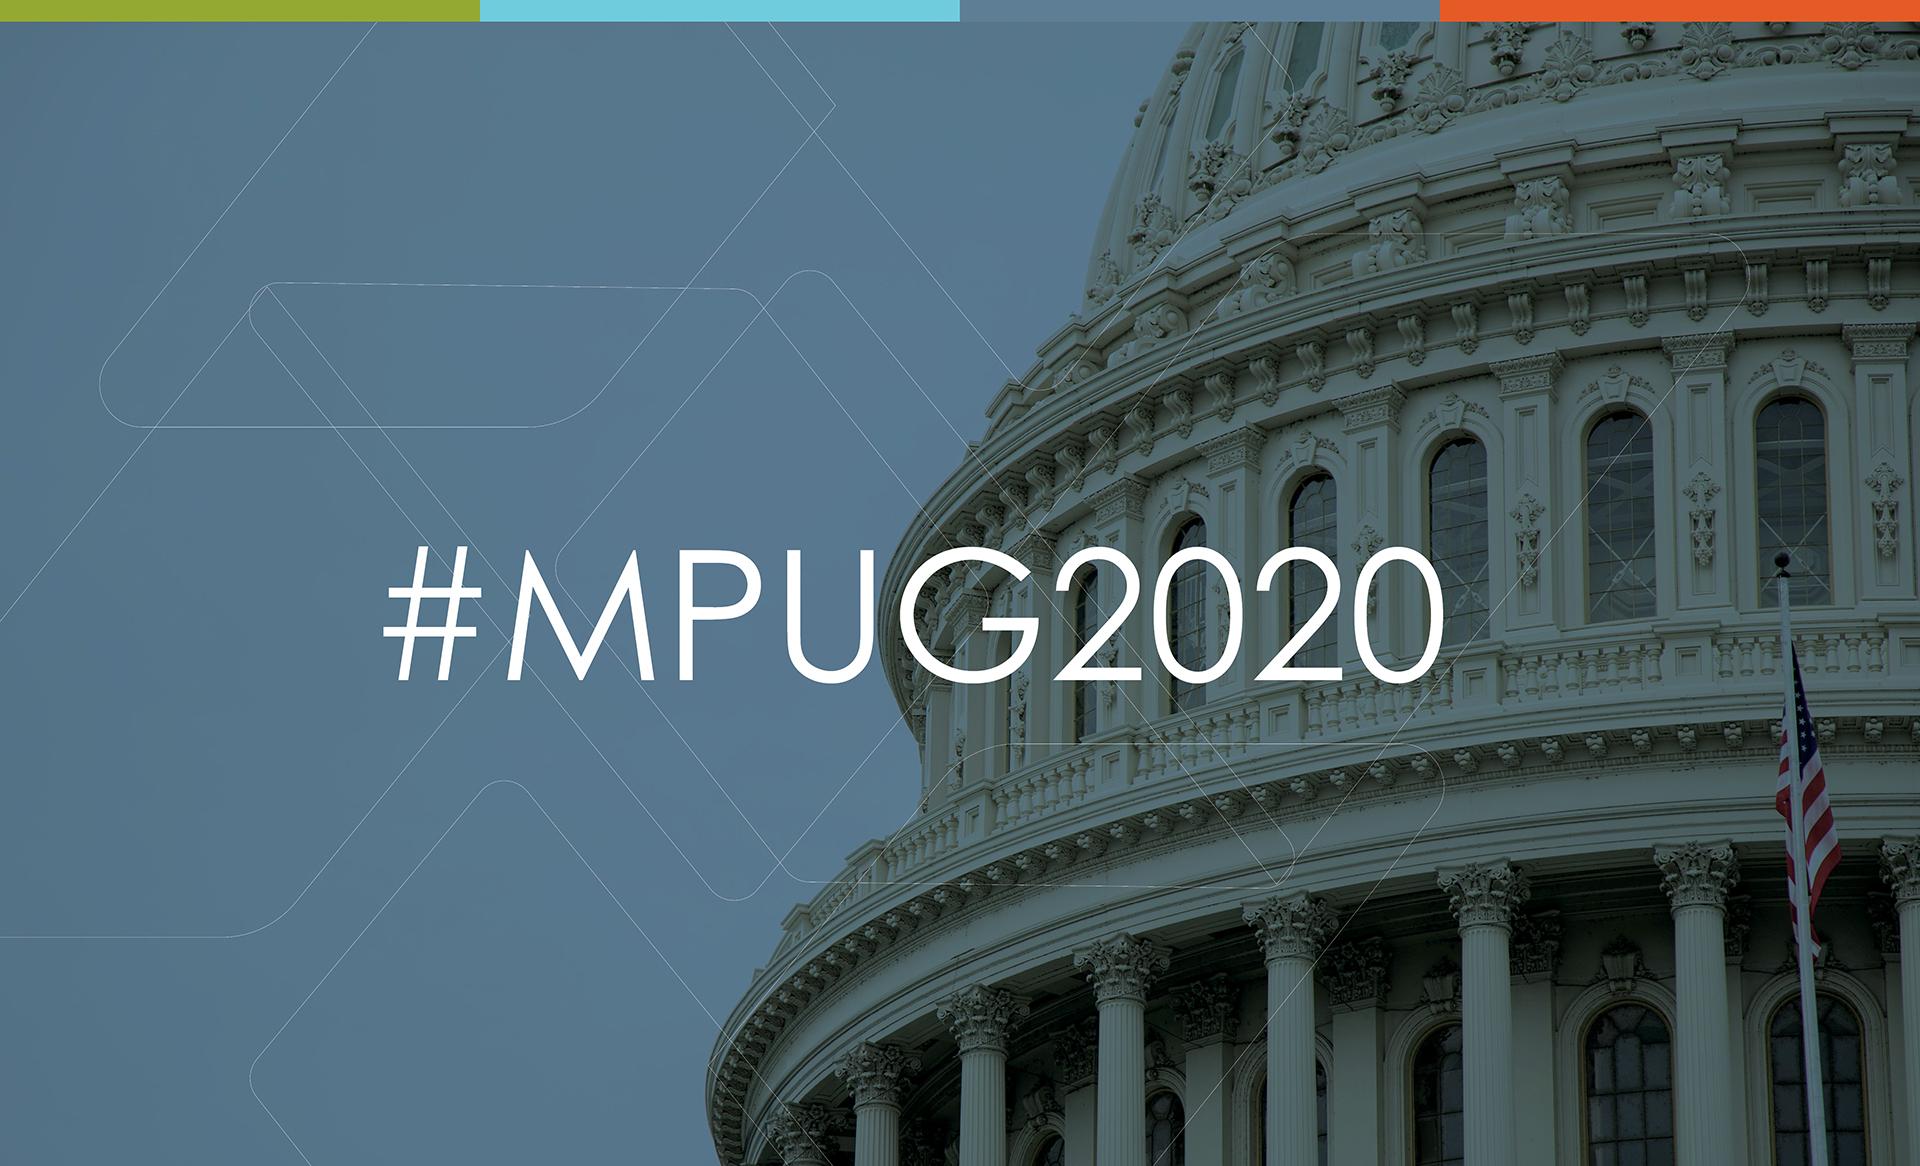 mpug 2020 multipub